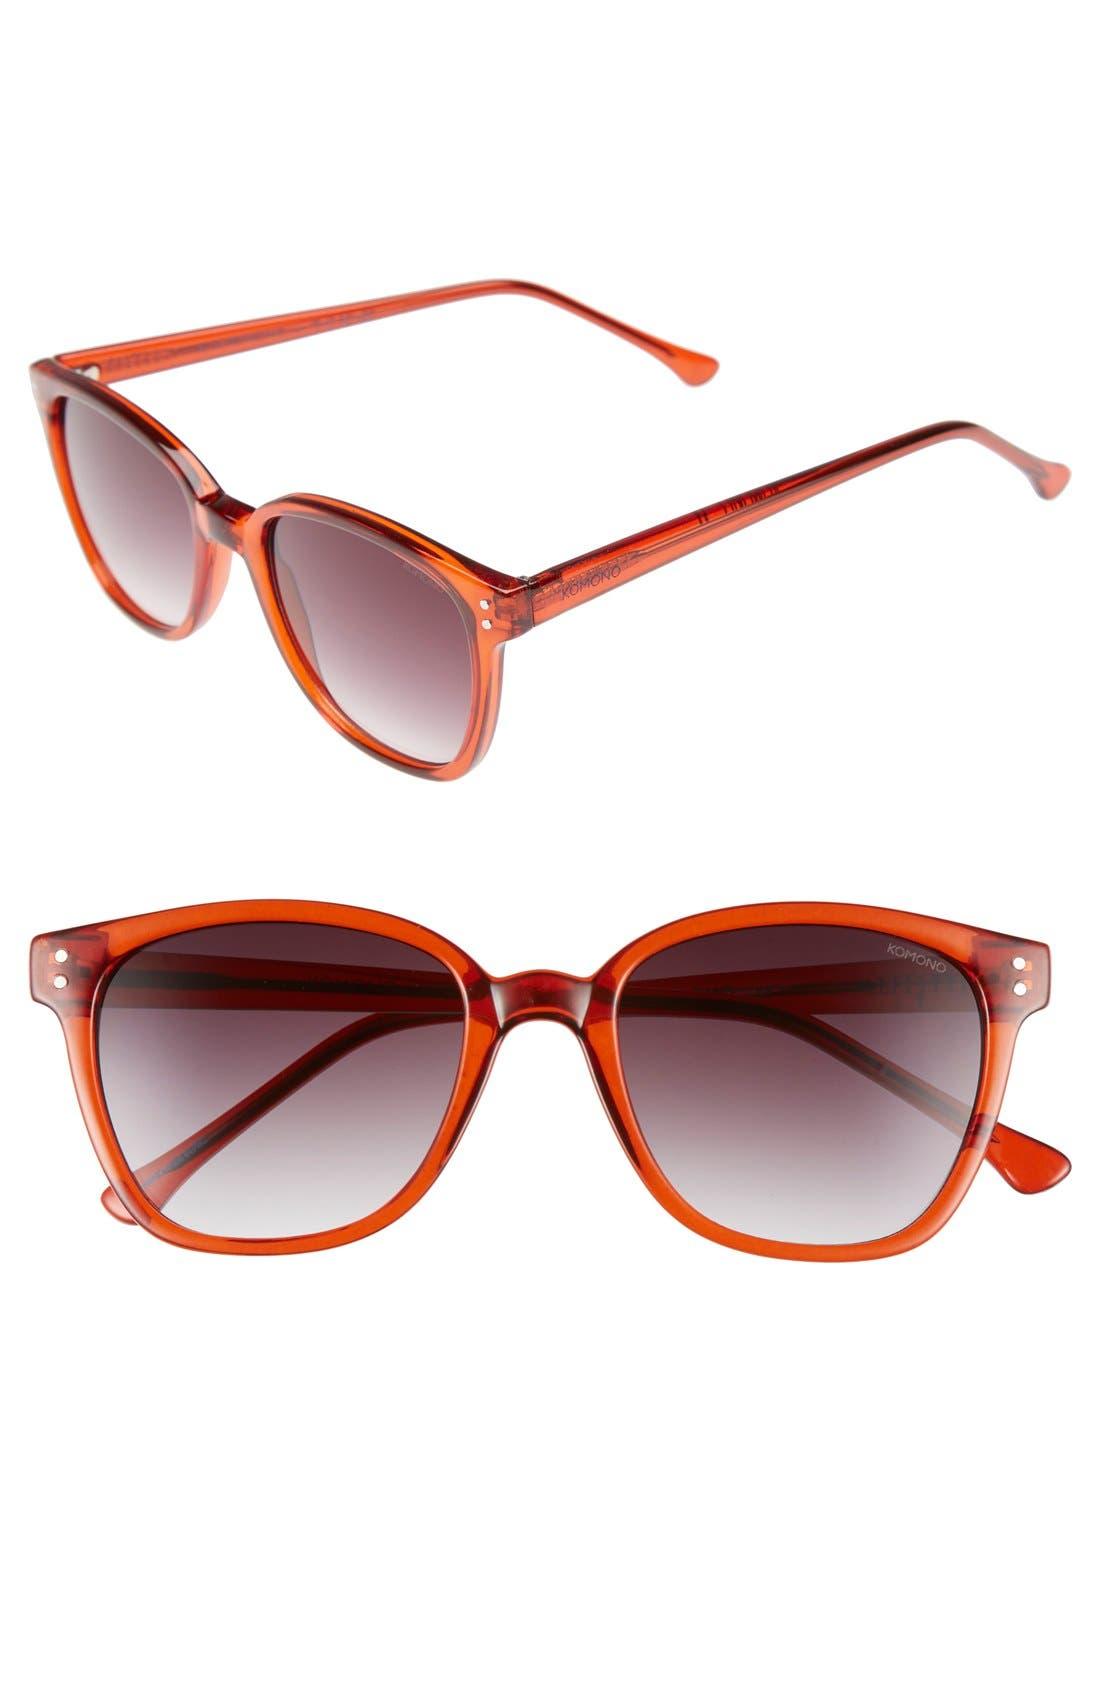 Main Image - Komono 'Renee' 50mm Sunglasses